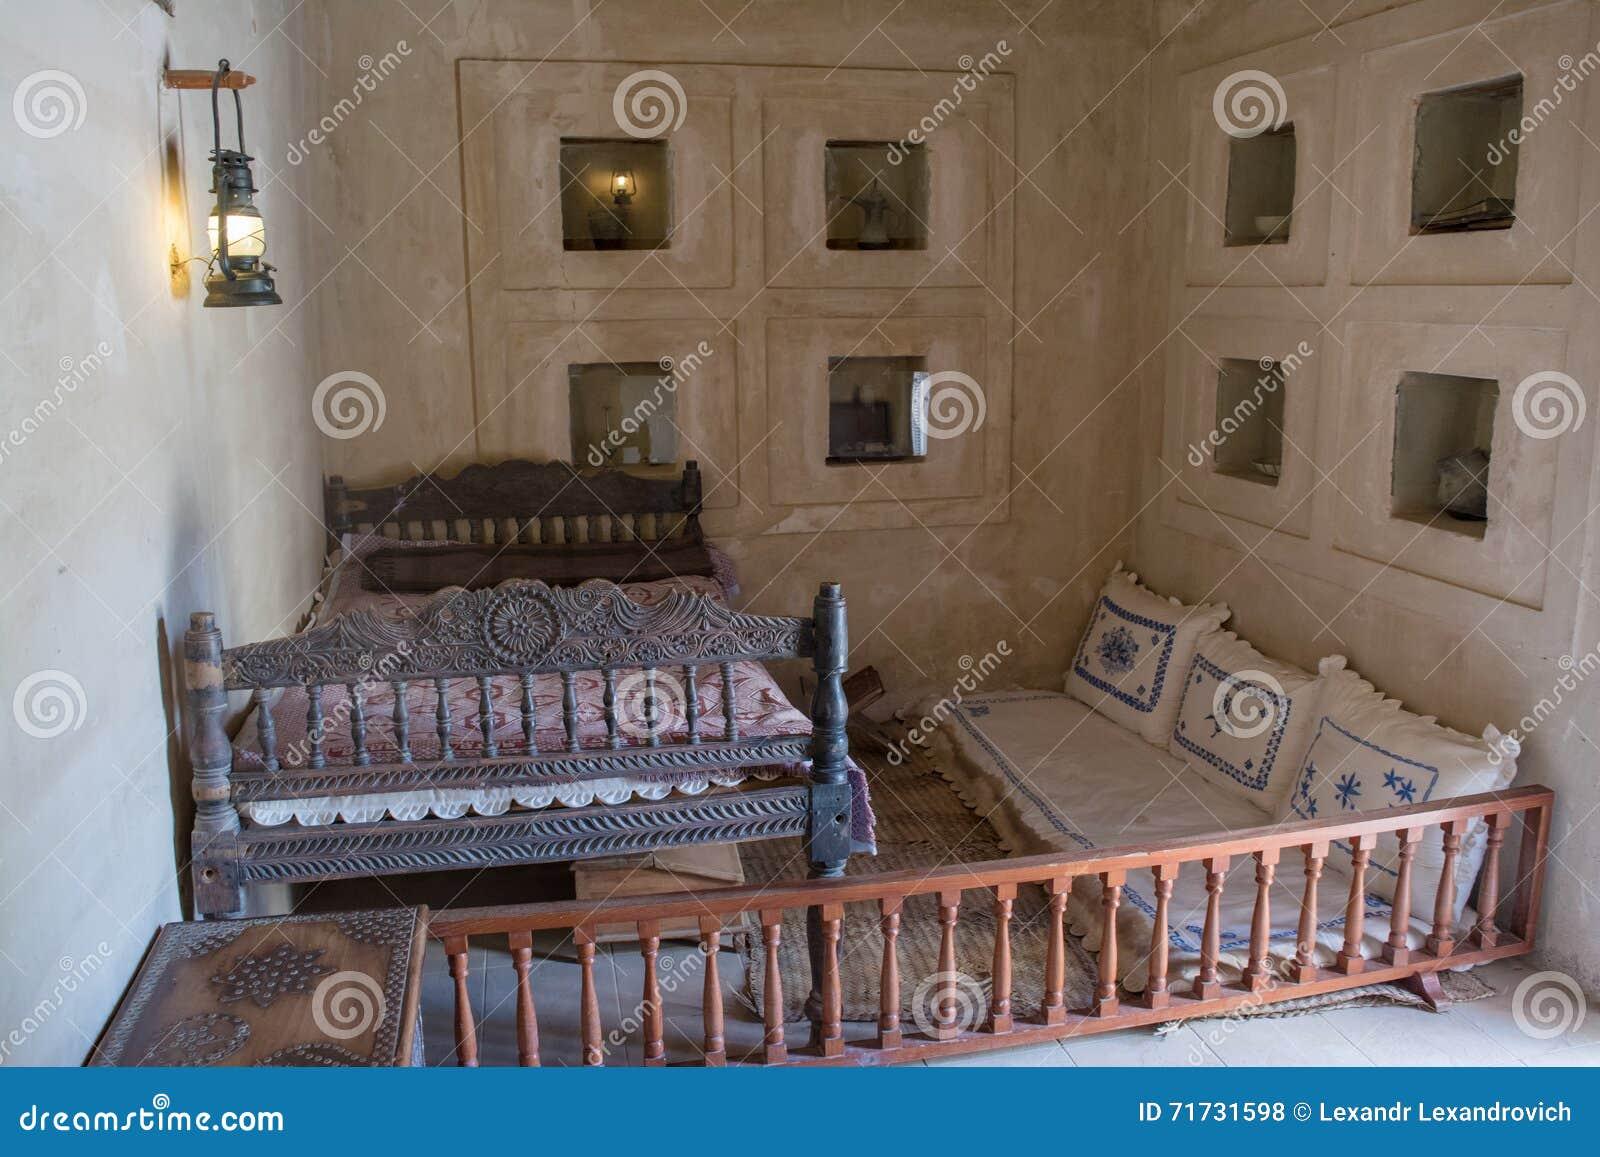 altes arabisches schlafzimmer mit bett und kissen stockfoto - bild, Schlafzimmer entwurf